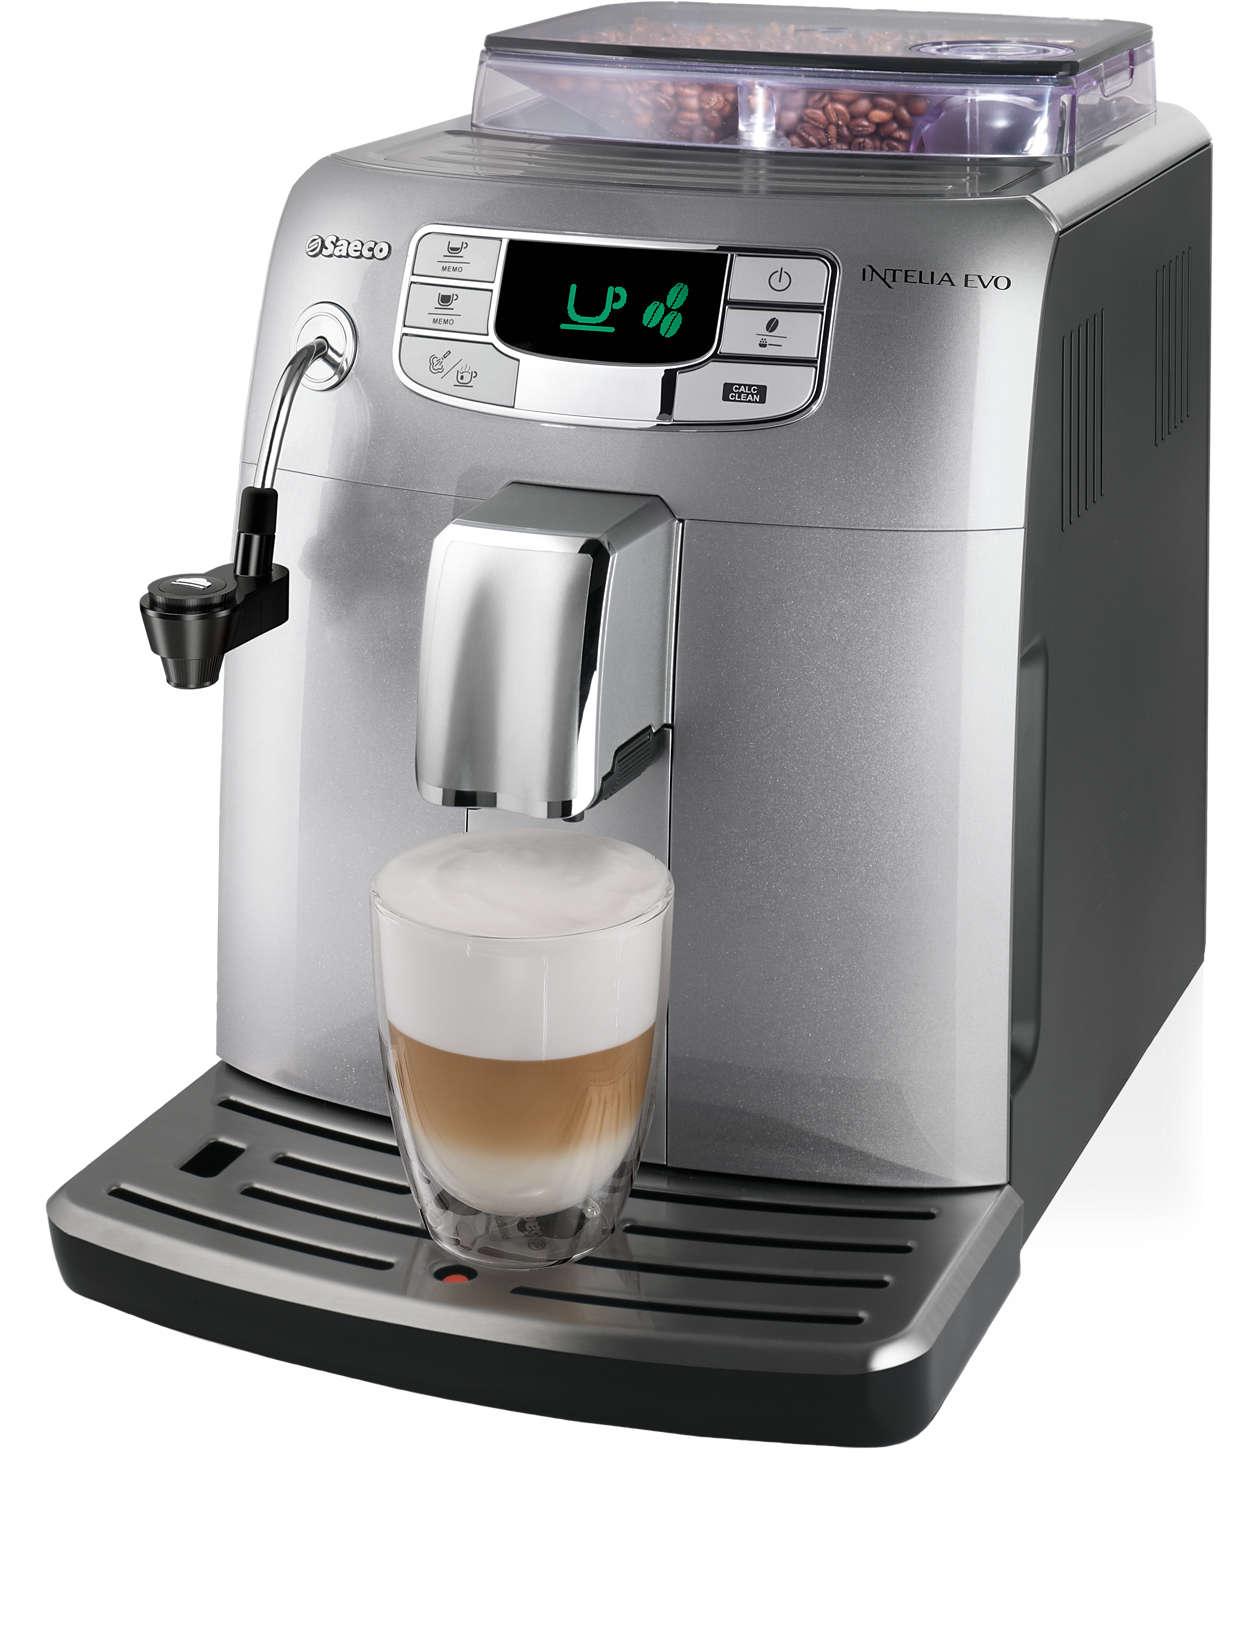 Espresso i mliječna pjena jednostavnim pritiskom gumba